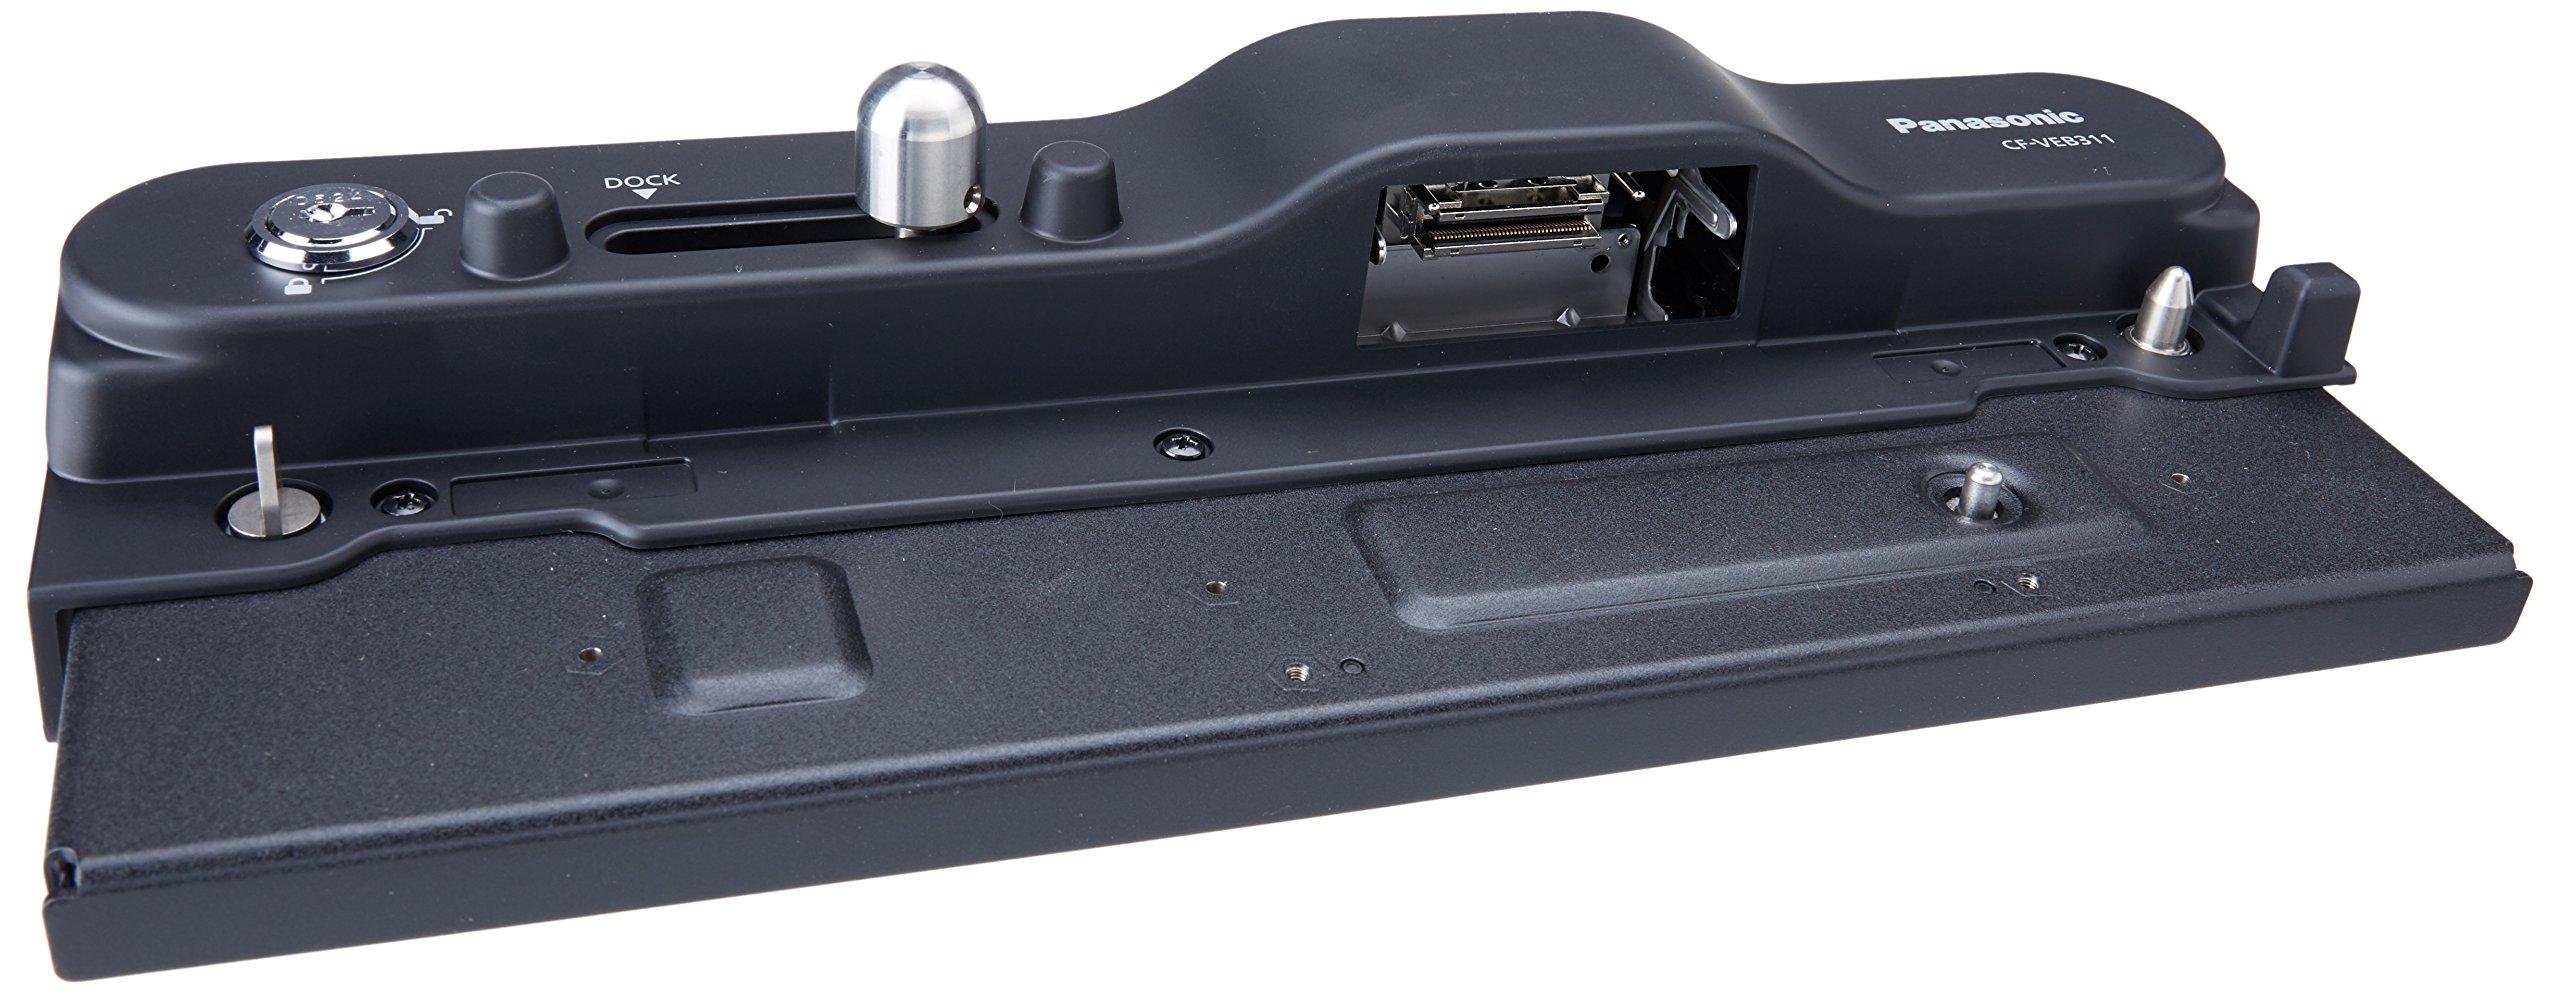 Desktop Port Replicator for CF-31